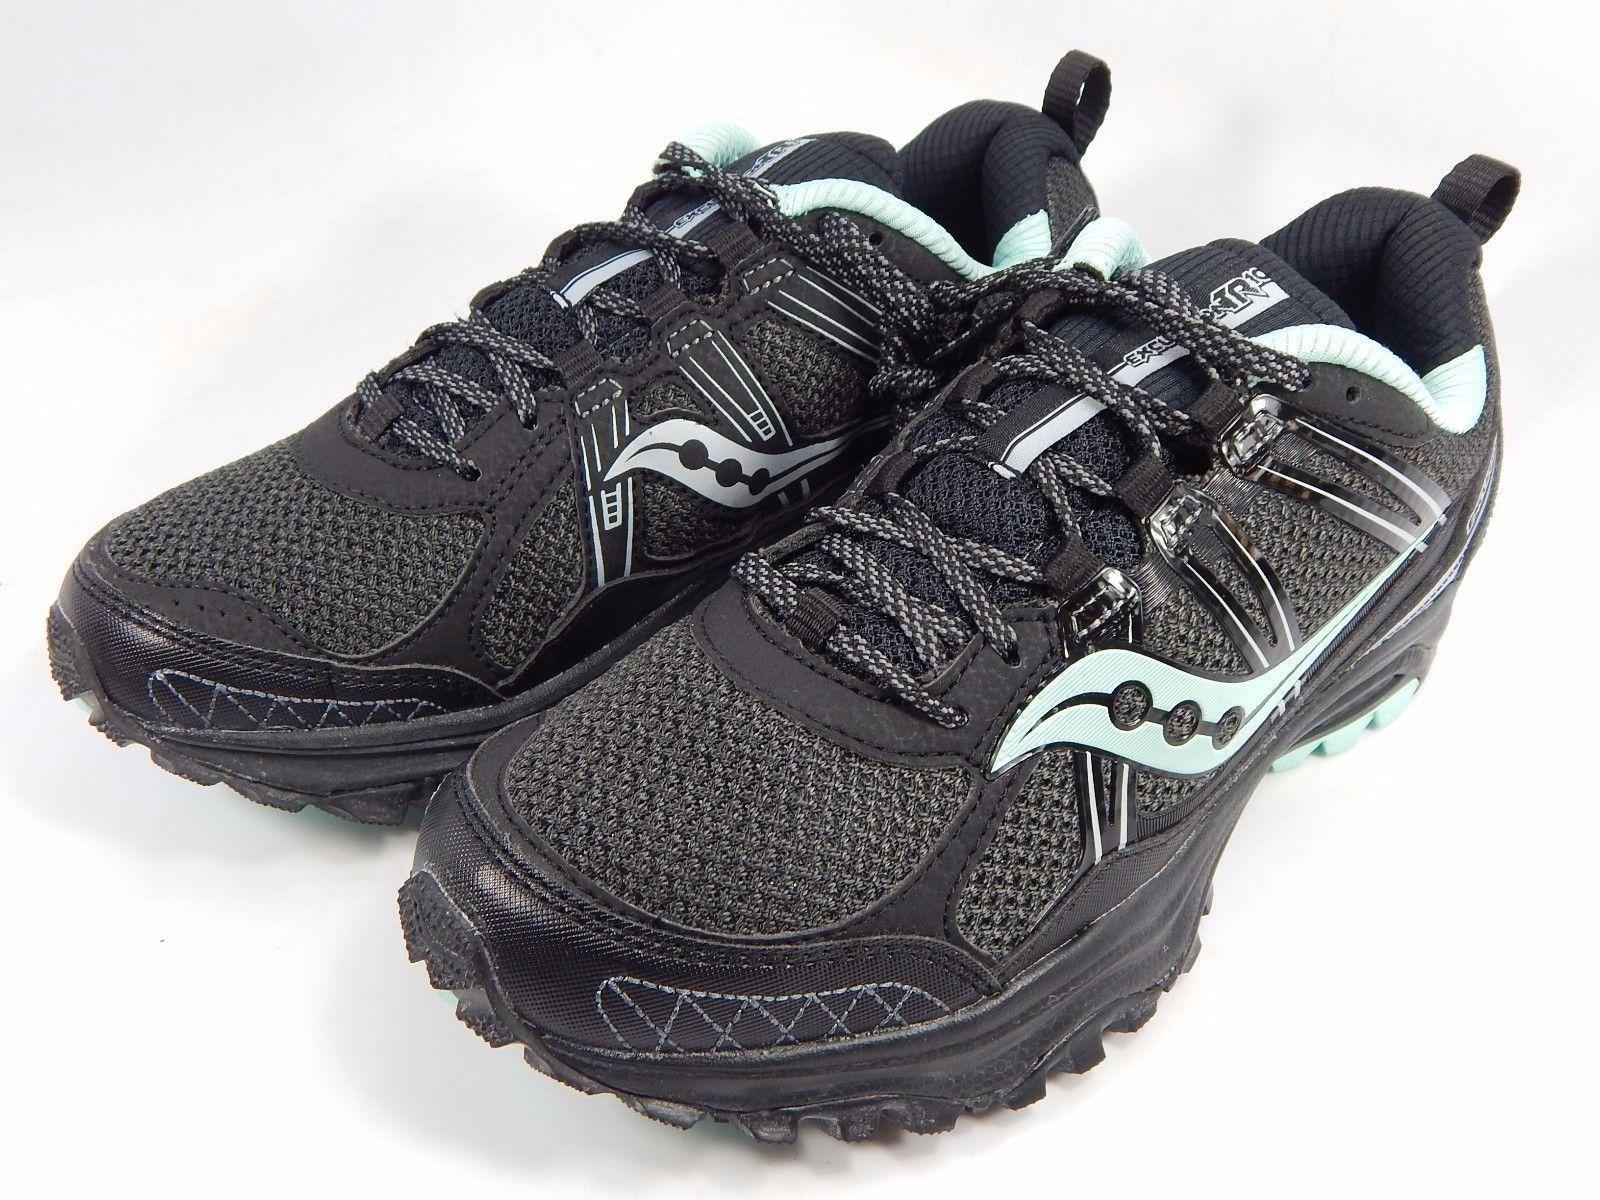 Saucony Excursion TR 10 Women's Running Shoes Sz US 7 M (B) EU 38 Black S15301-2